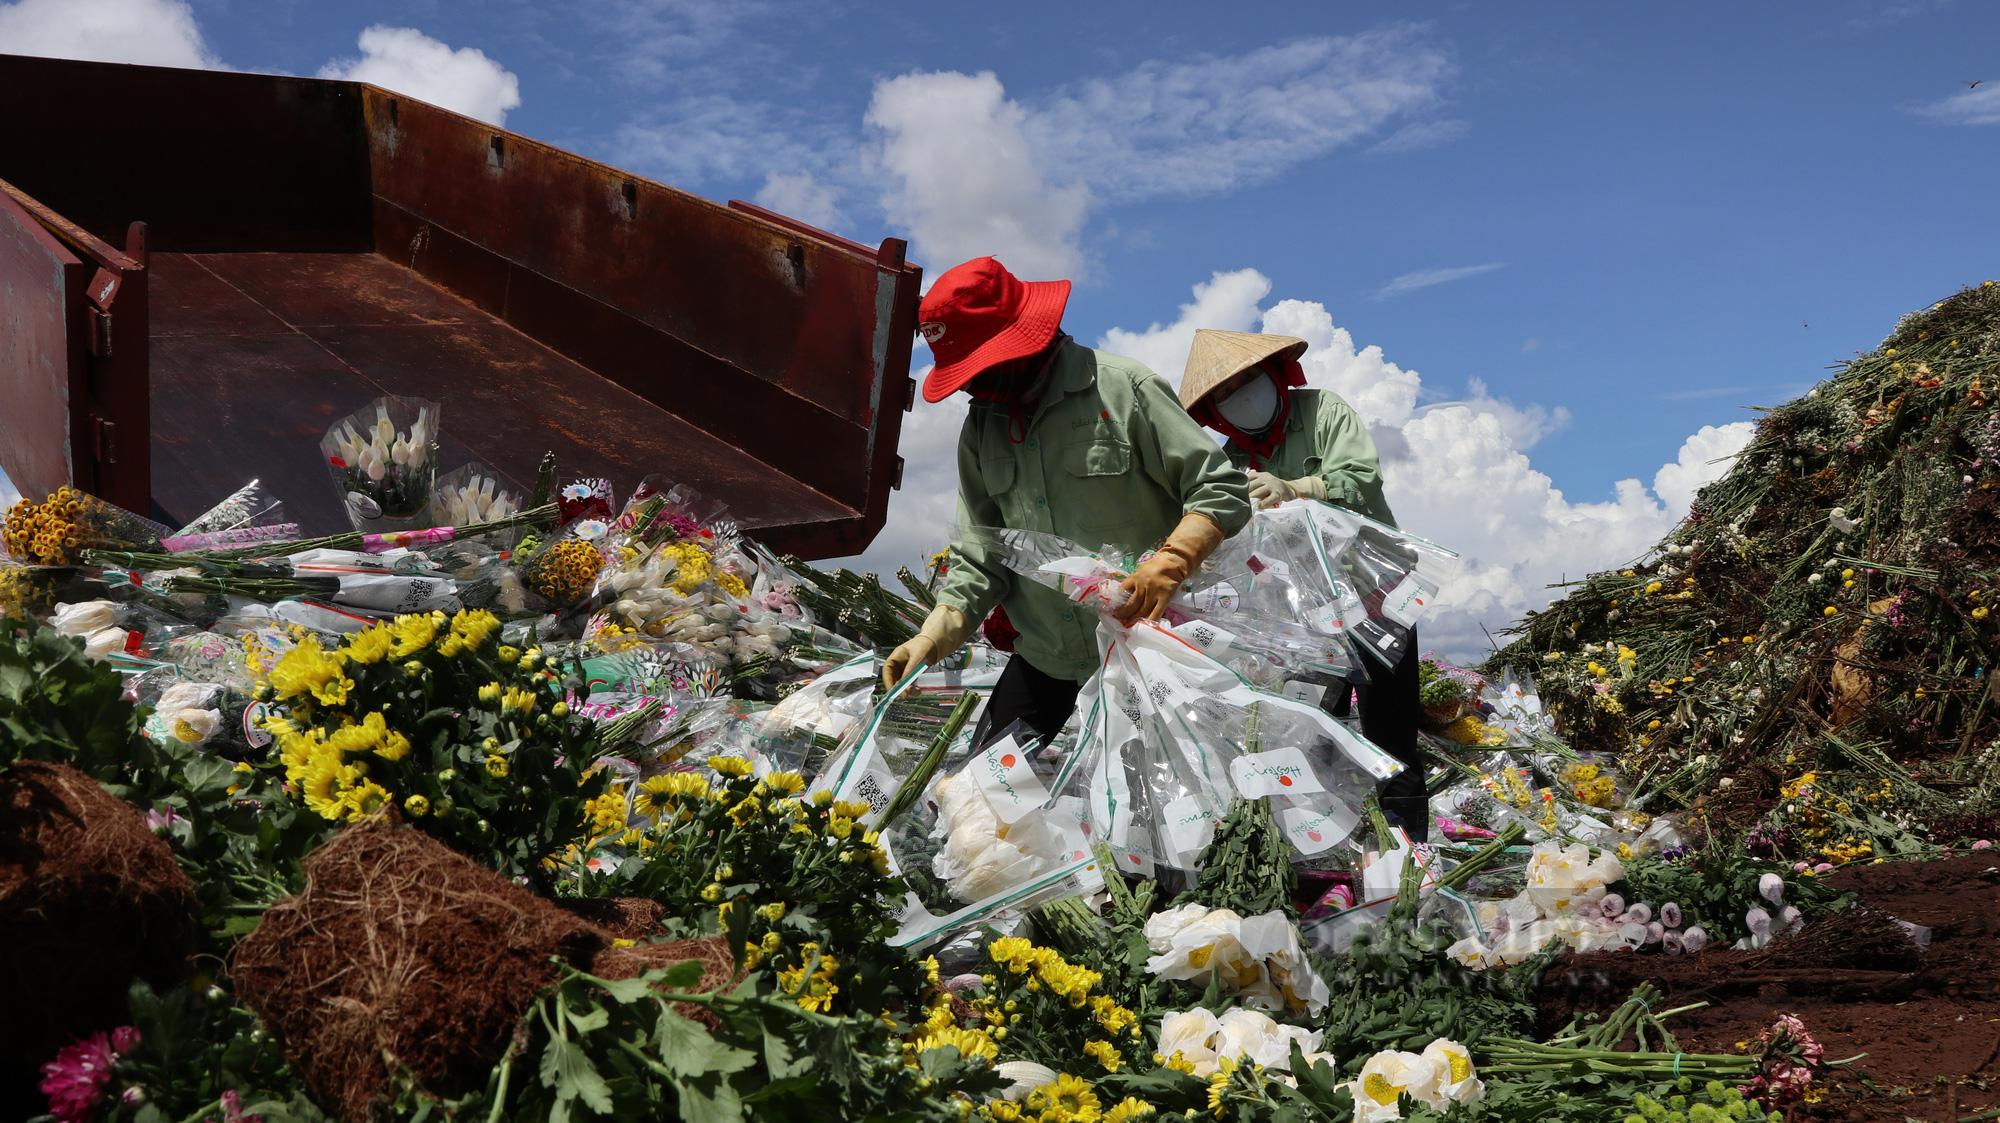 """Doanh nghiệp và người dân """"khóc ròng"""" vì hàng trăm nghìn cành hoa xuất khẩu bị trả ngược - Ảnh 1."""